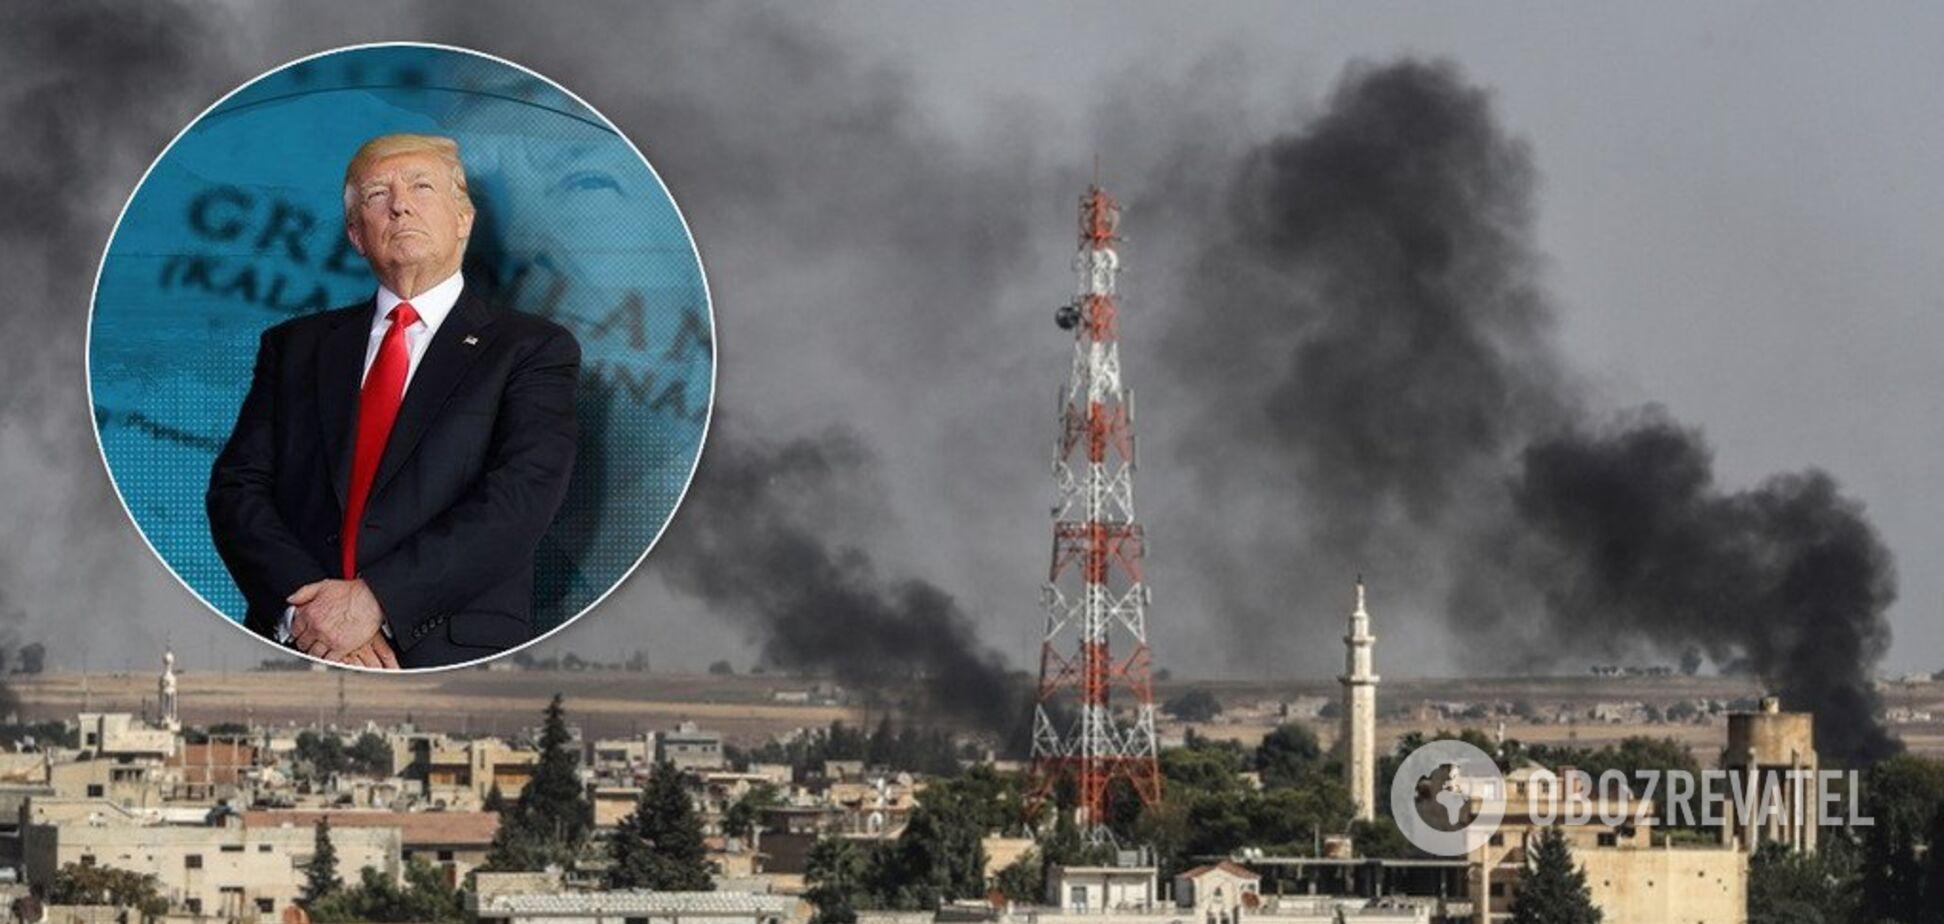 Трамп поставил на место 'великую Турцию': генерал оценил события в Сирии